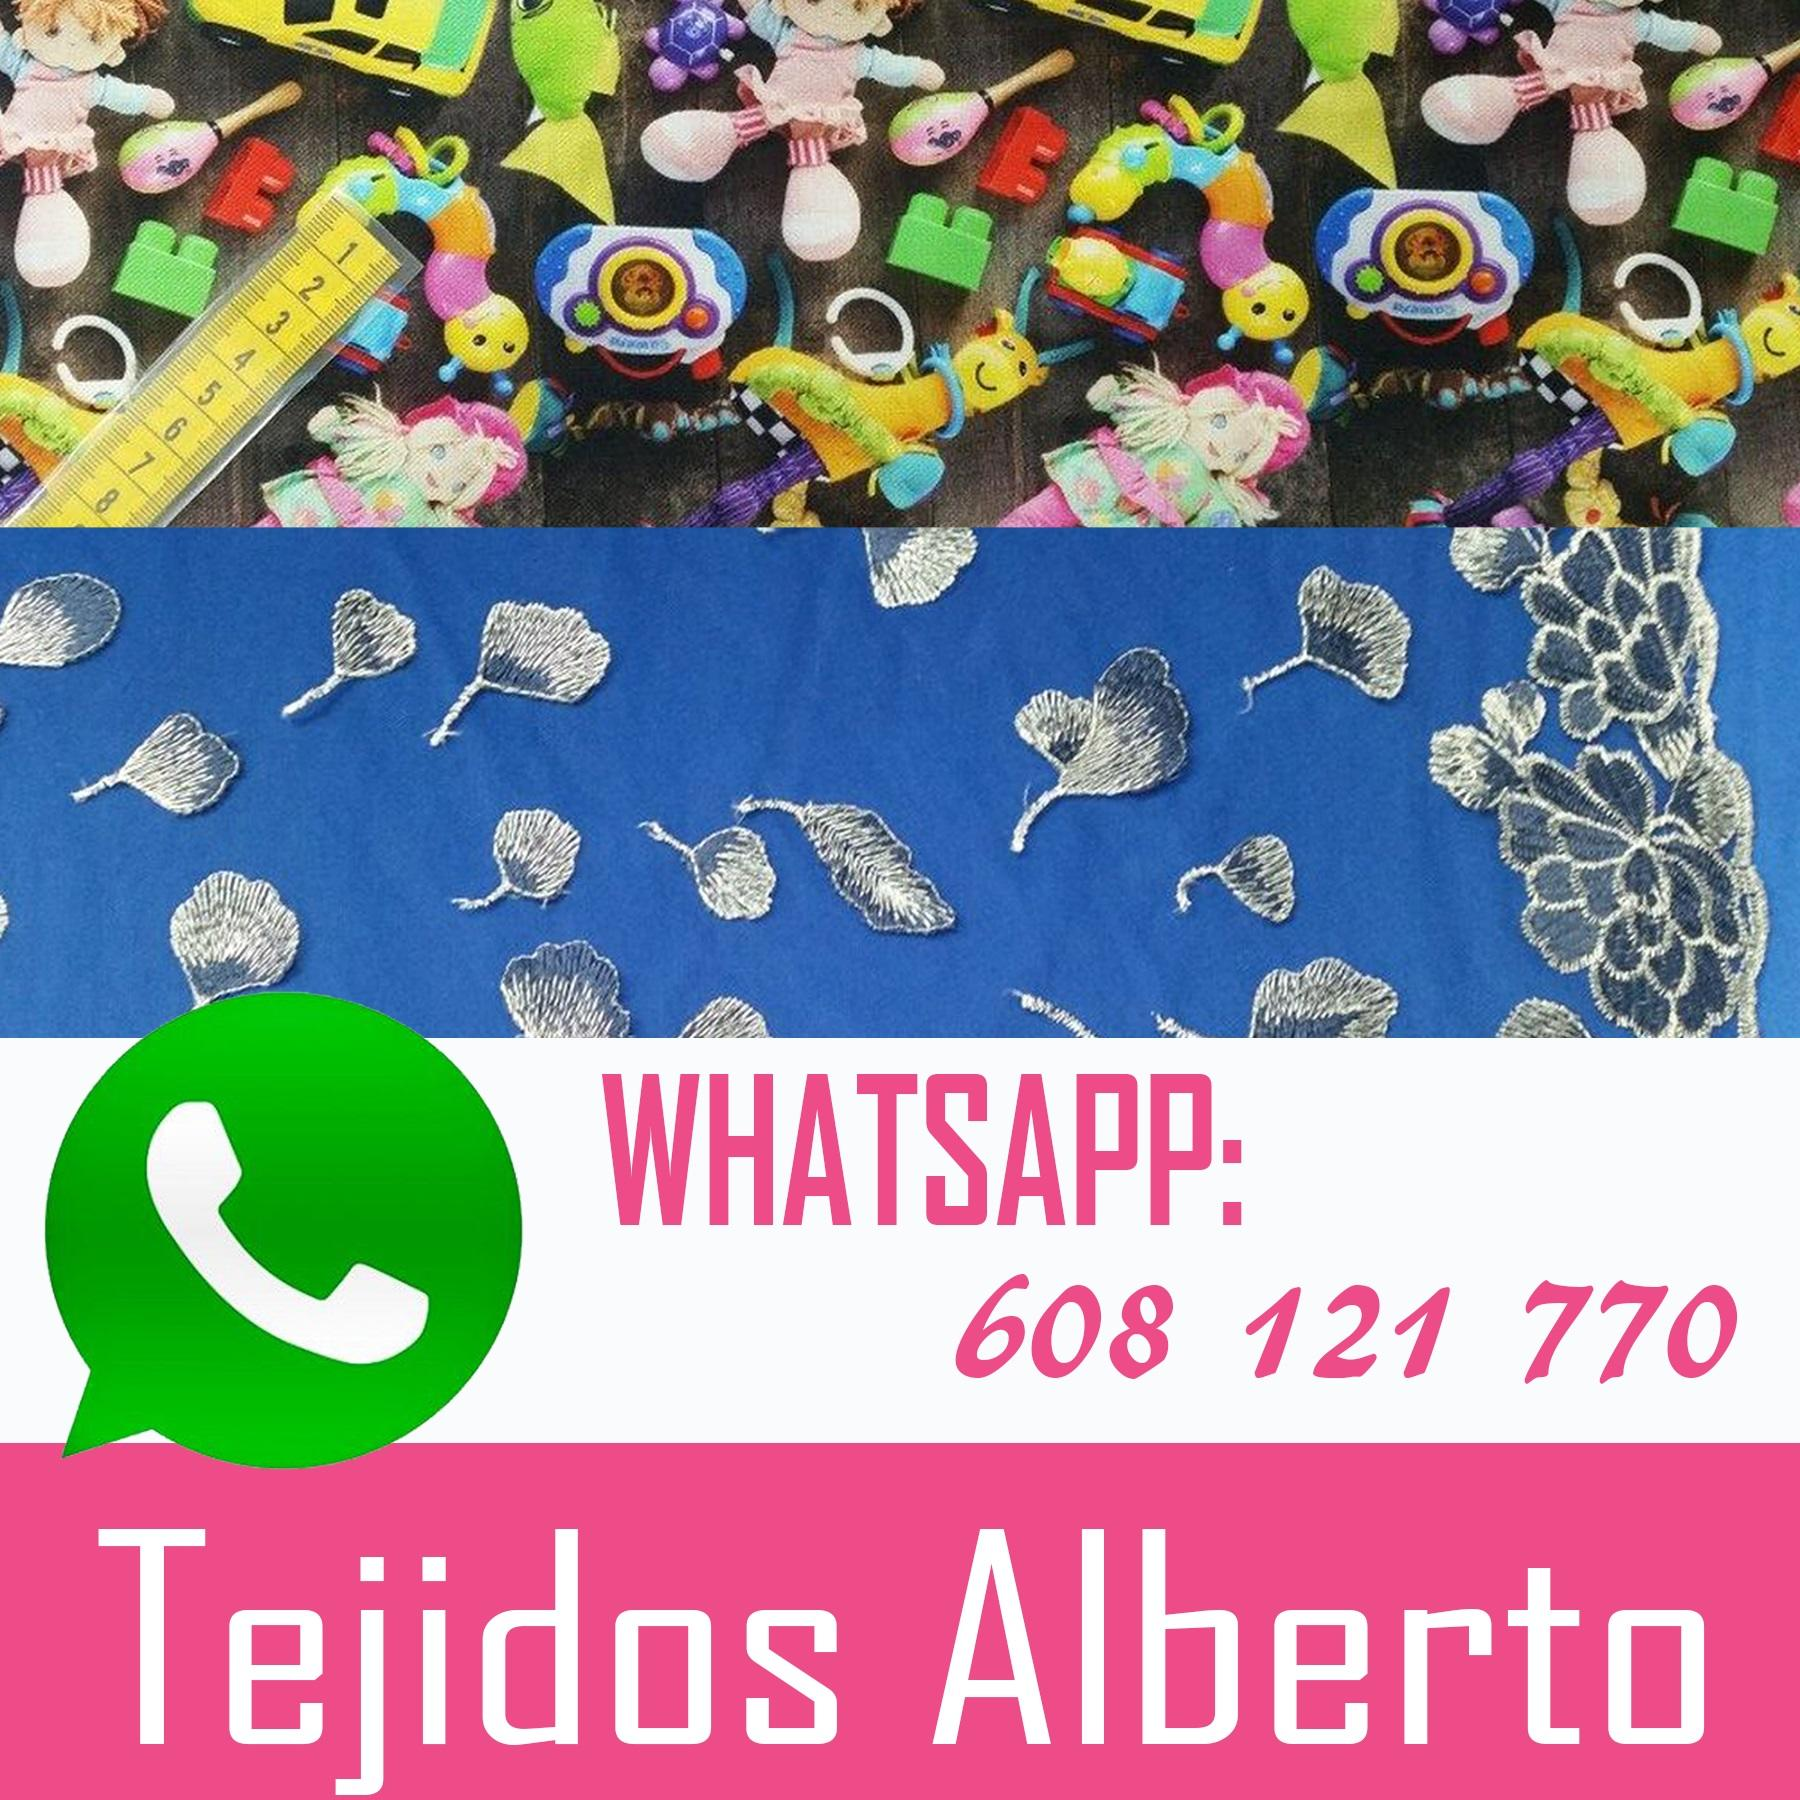 Tejidos alberto telas y sedas al por menor granada for Tejidos decoracion hogar